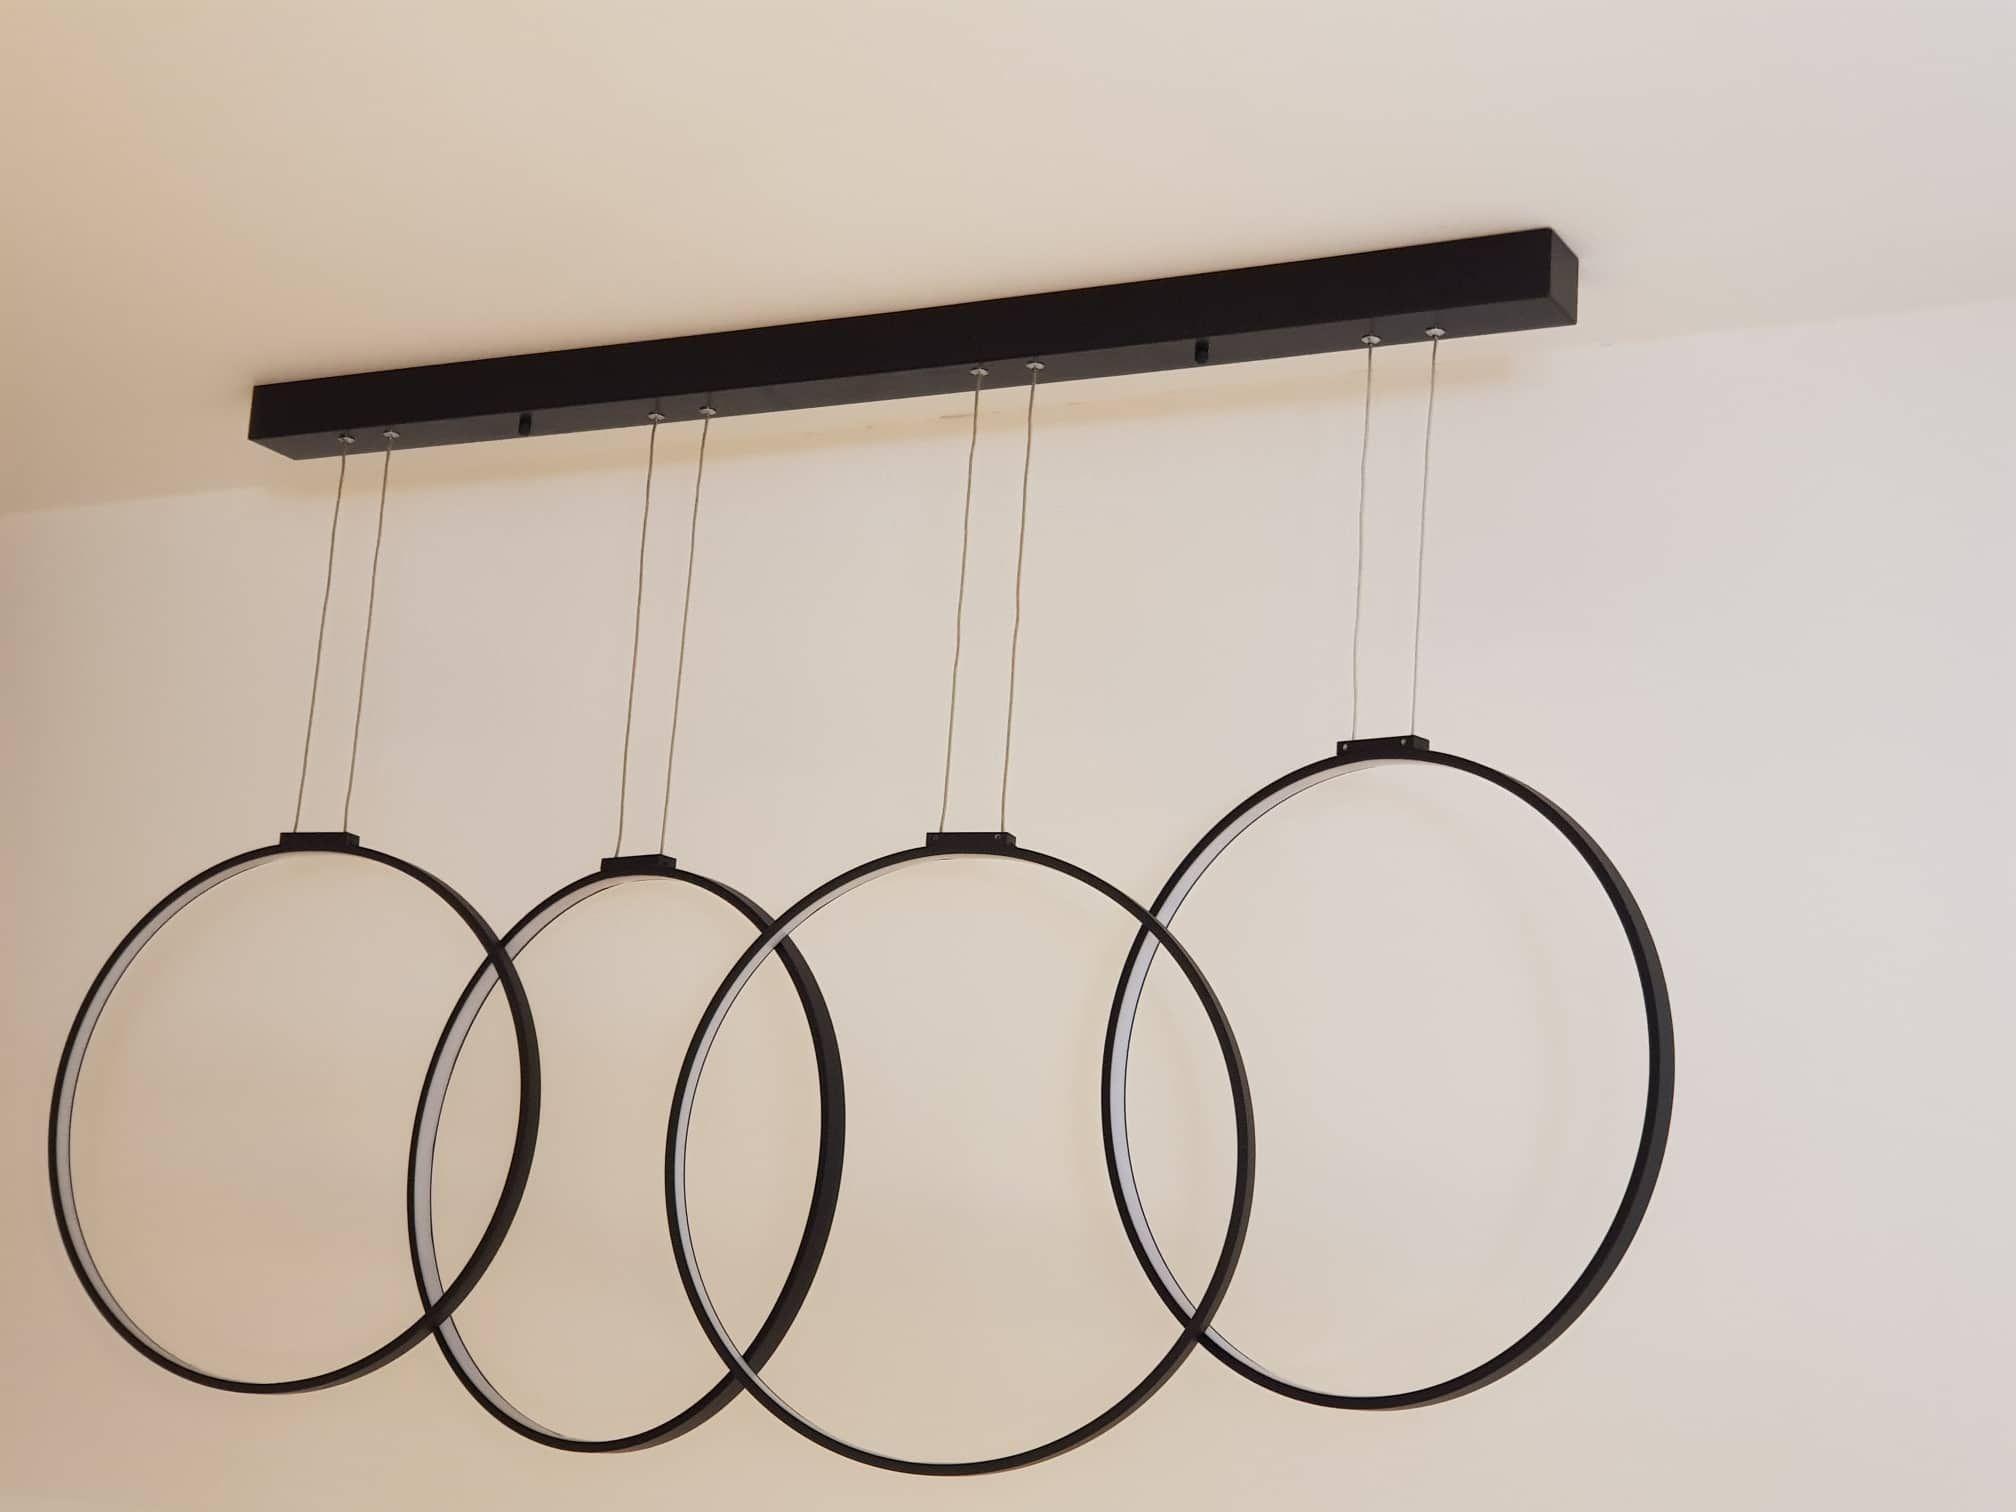 Dekorativna svetiljka kompanije Zambelis ( za sve ljubitelje cetiri prstena ;) ) .